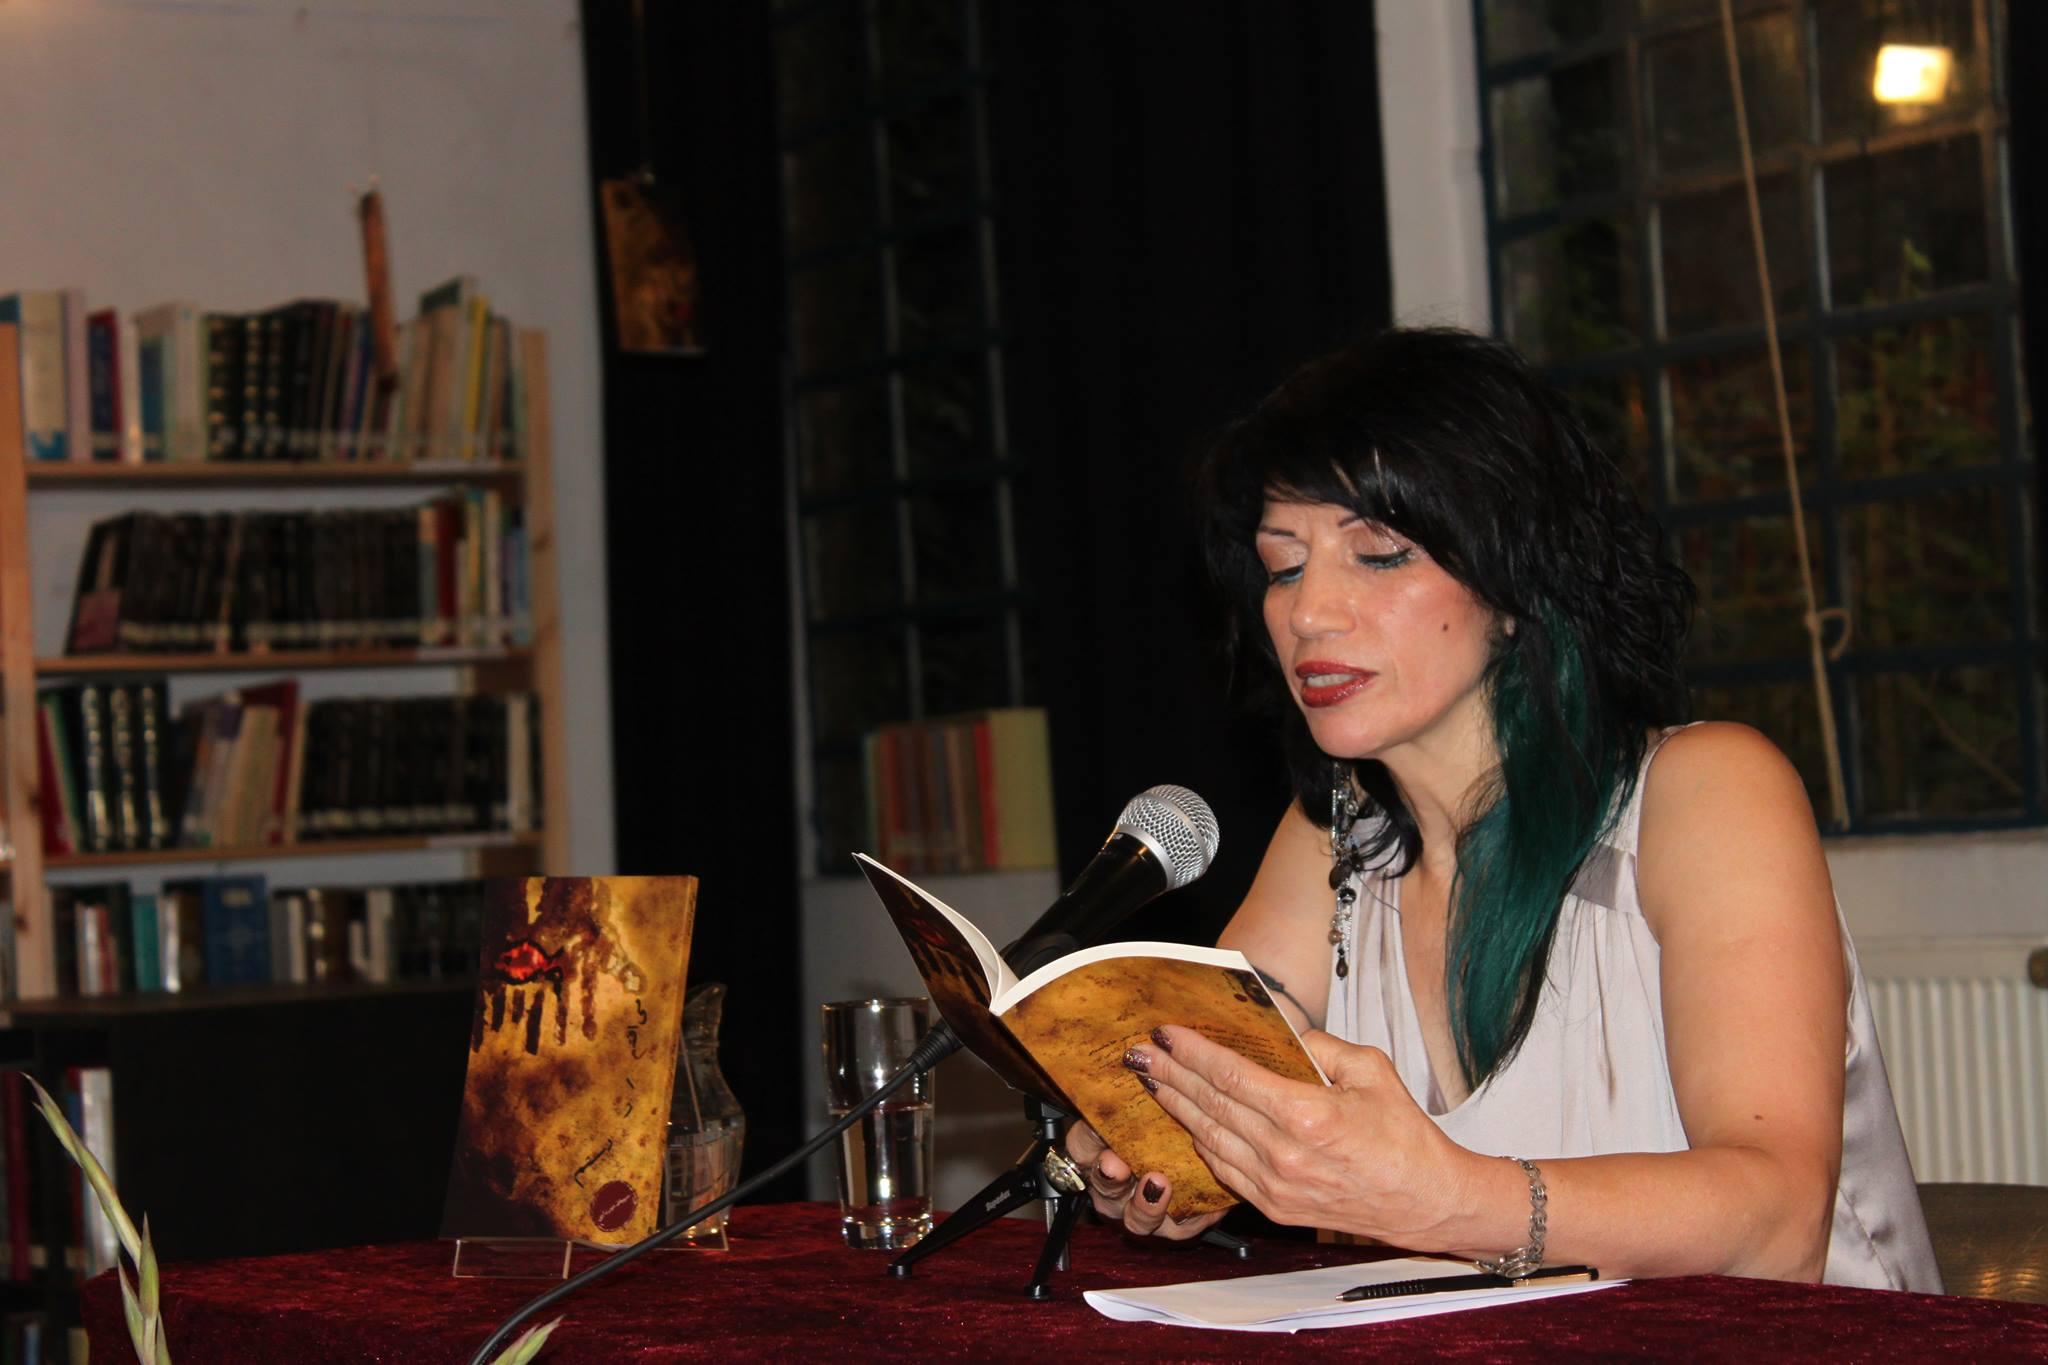 Soheila Mirzaei